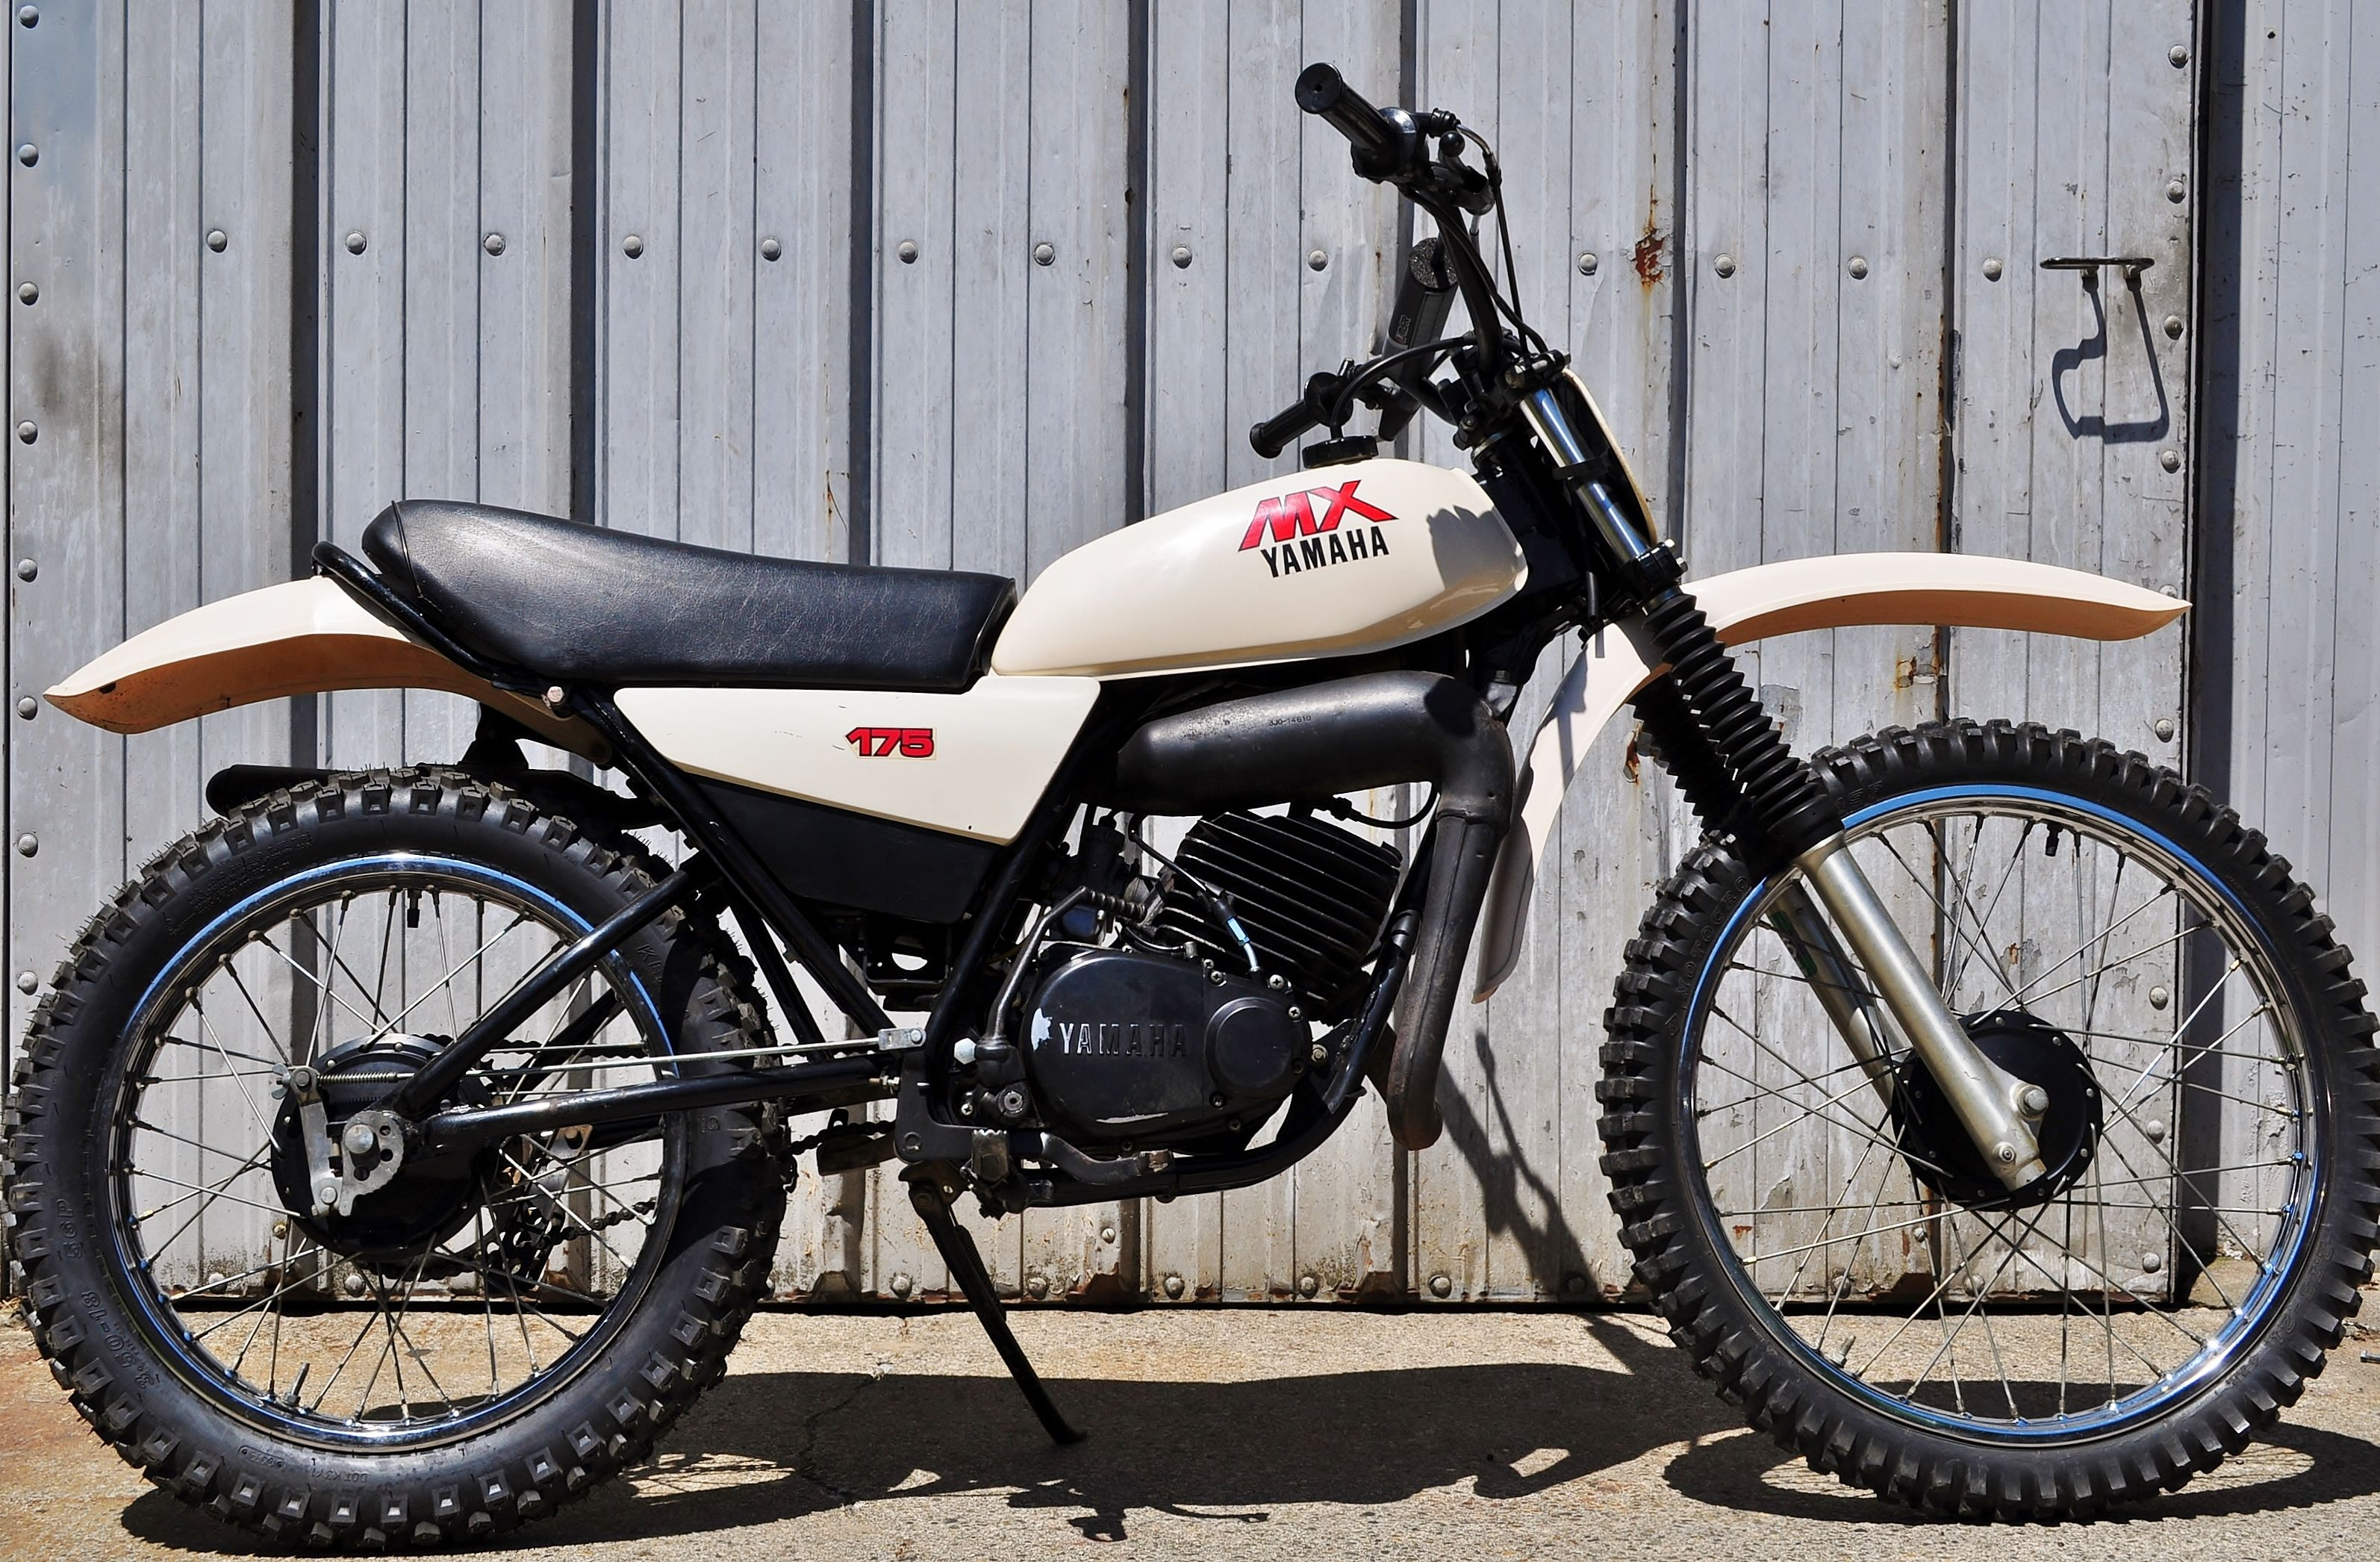 1979 yamaha mx175 motos enduro pinterest